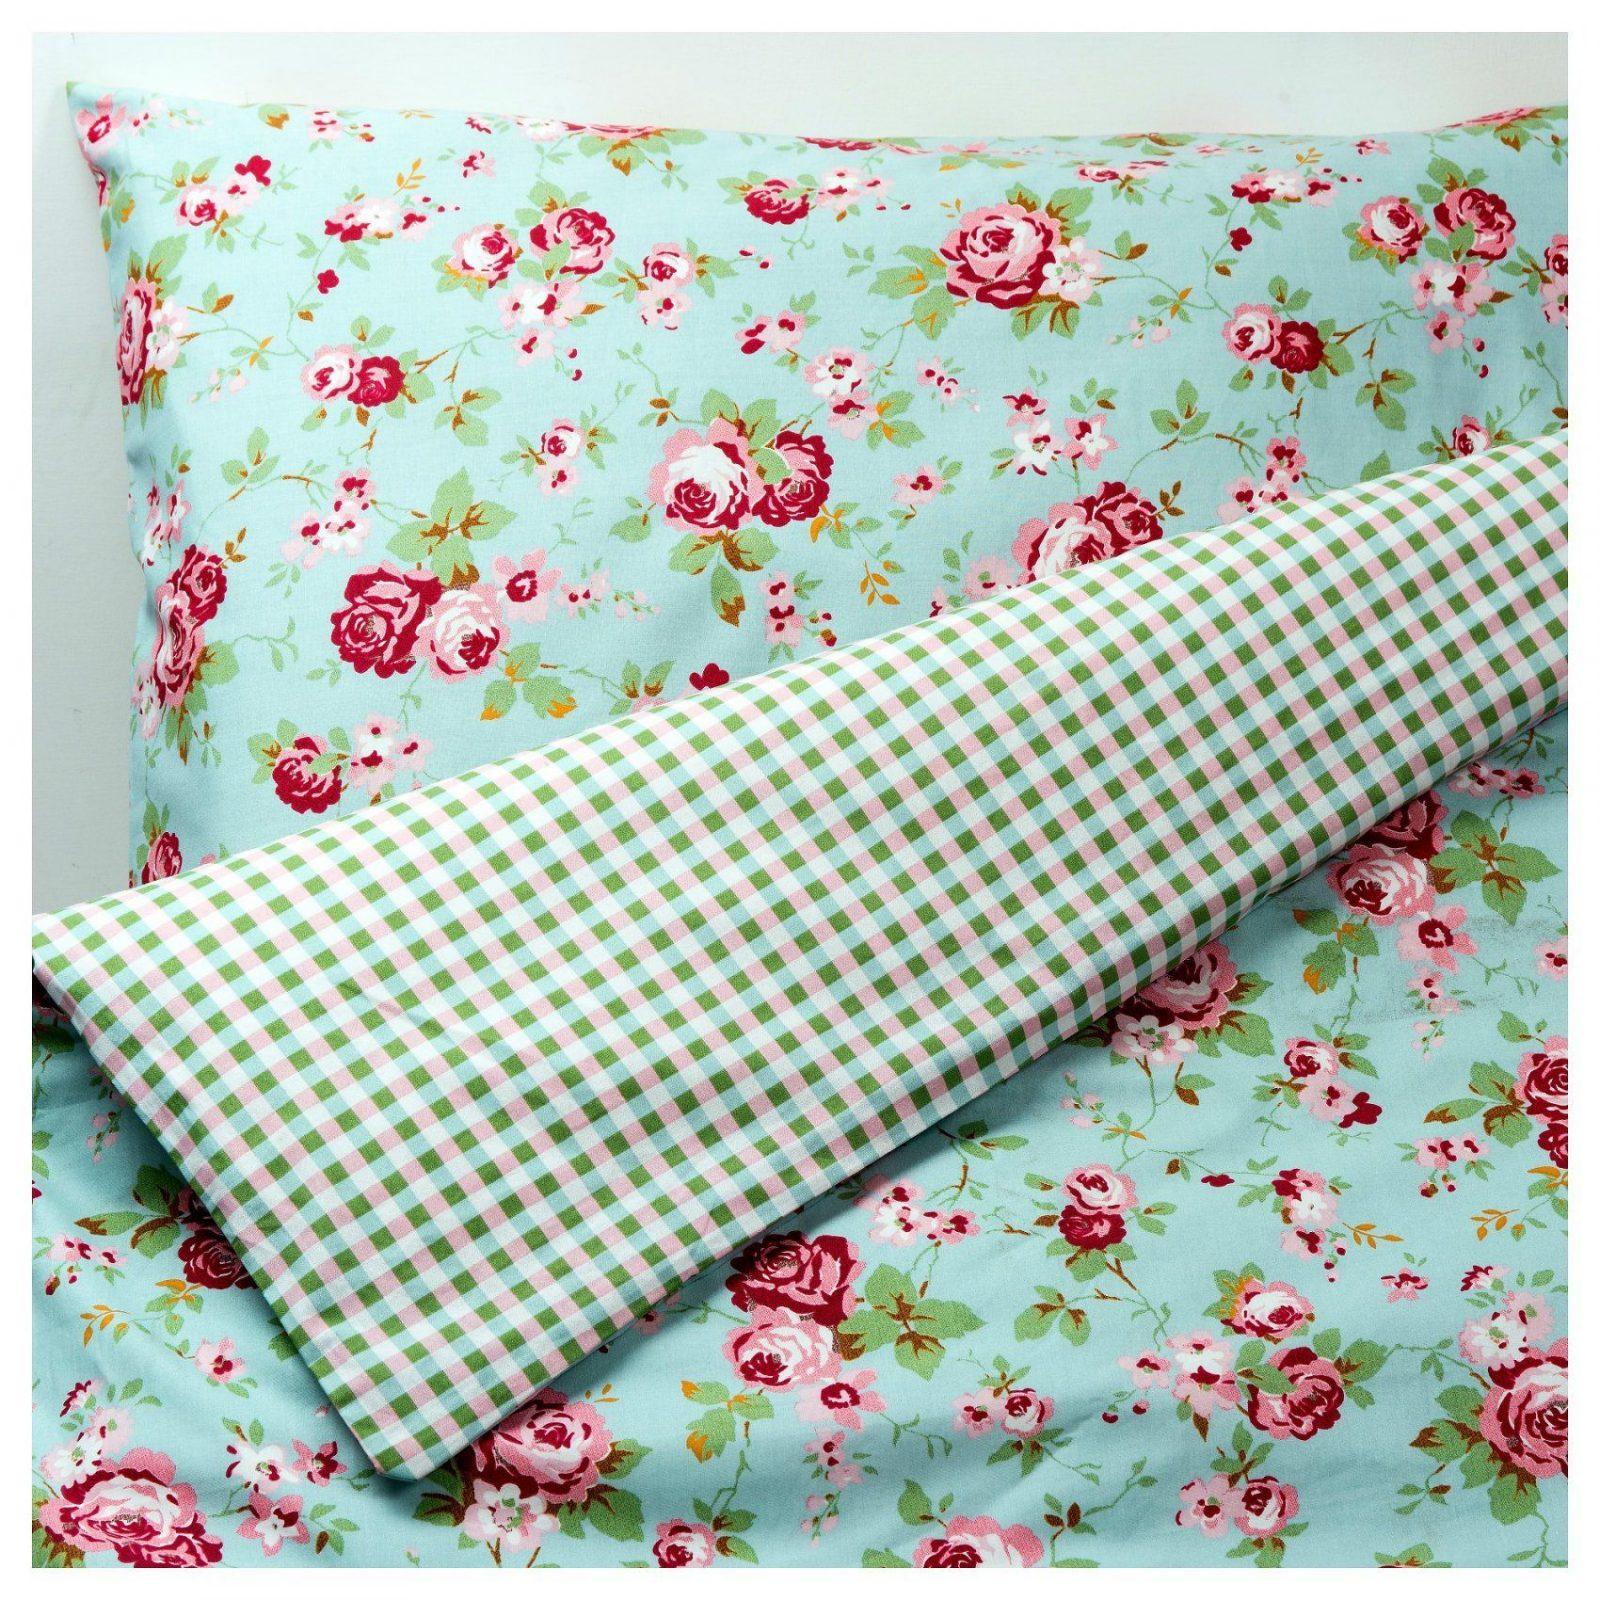 Luxuriös Bettwäsche Lila Ikea  Bettwäsche Ideen von Ikea Bettwäsche Lila Photo